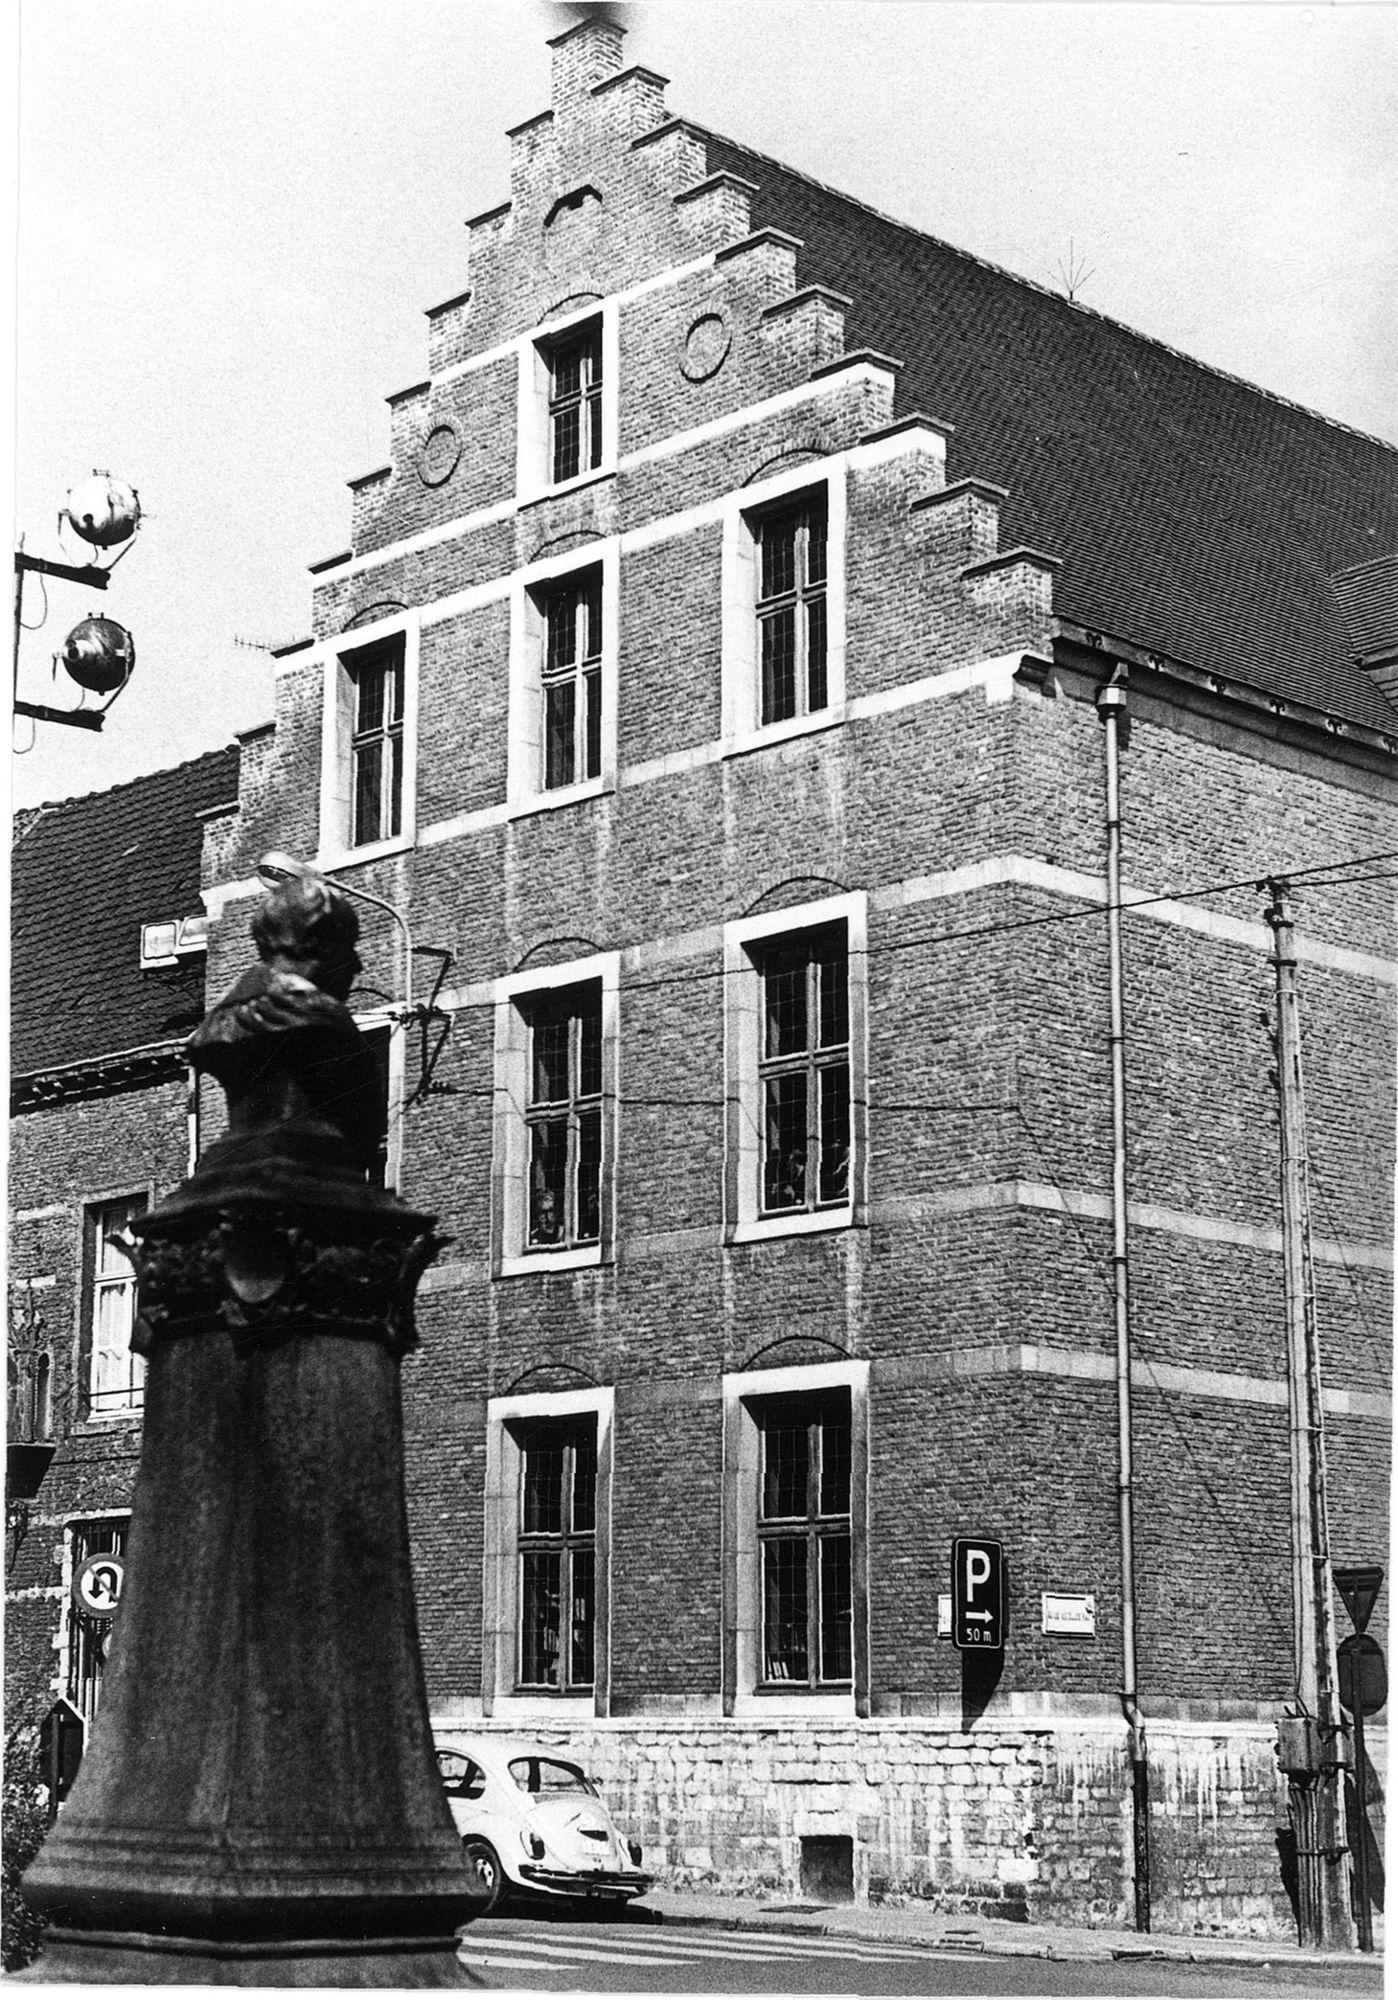 Standbeeld van Guido Gezelle, Berg van Barmhartigheid in de Onze-Lieve-Vrouwestraat, Stadsbibliotheek 1975